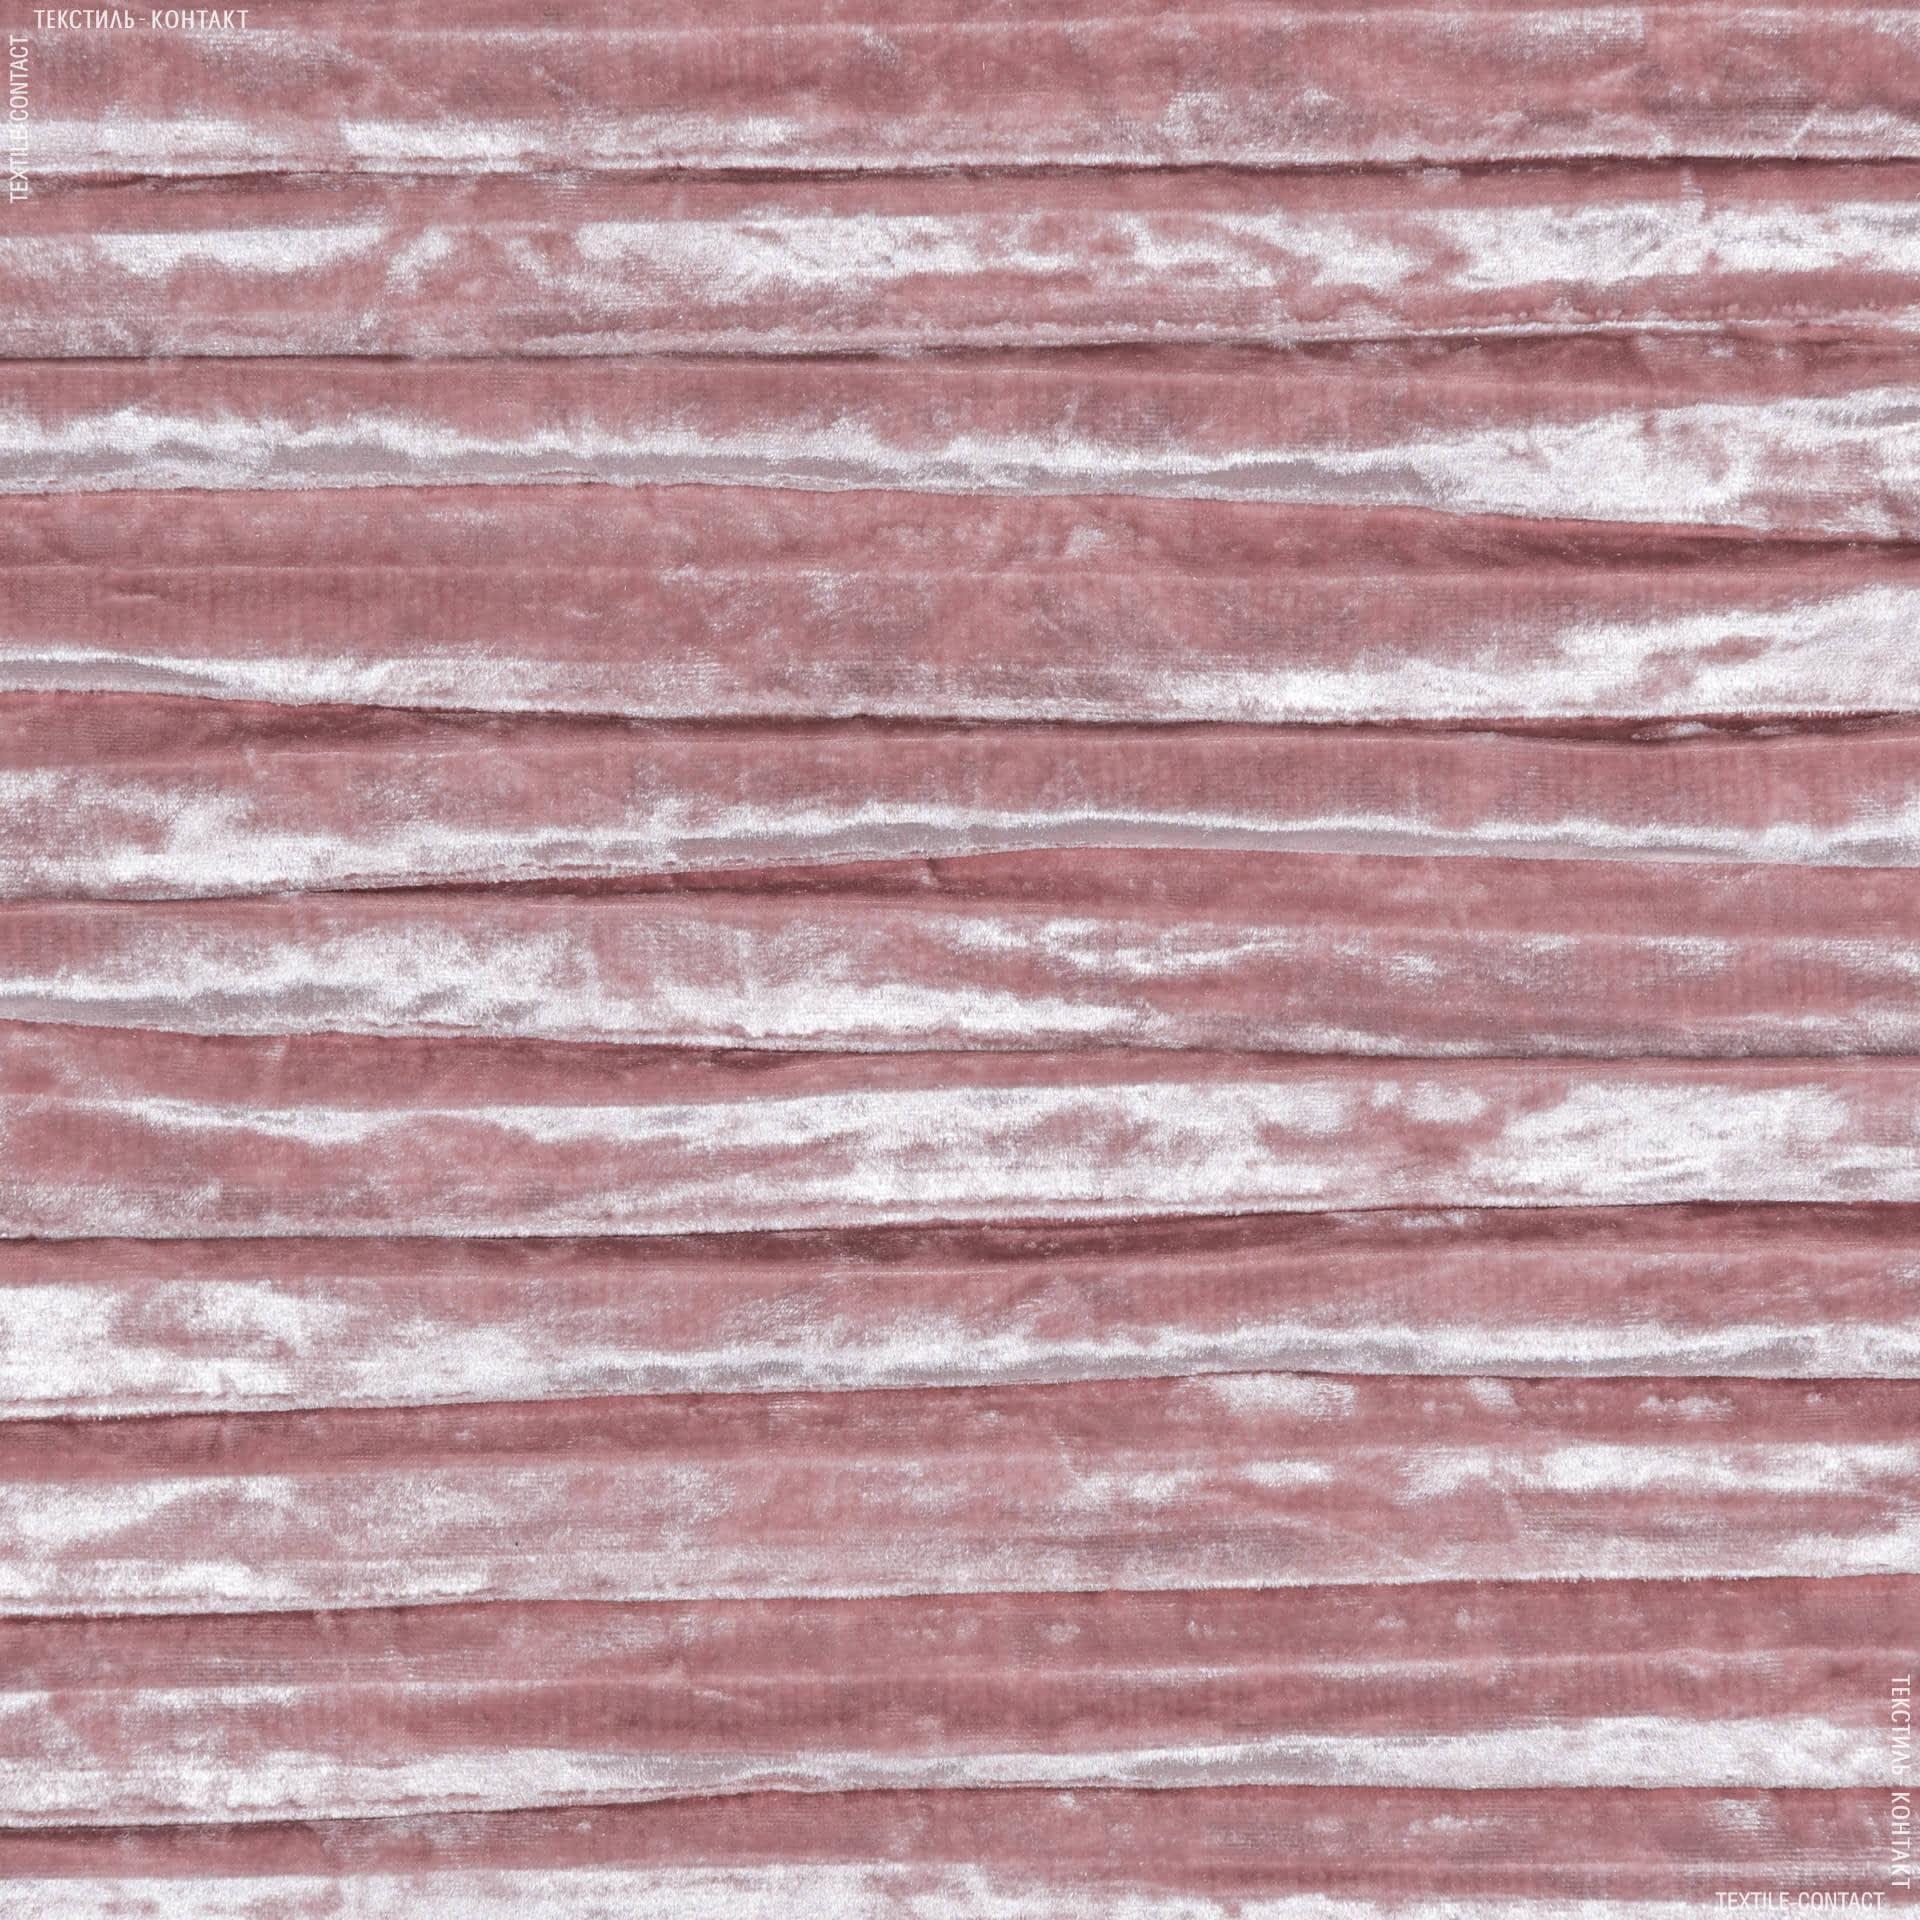 Ткани для костюмов - Велюр плиссе розово-фрезовый